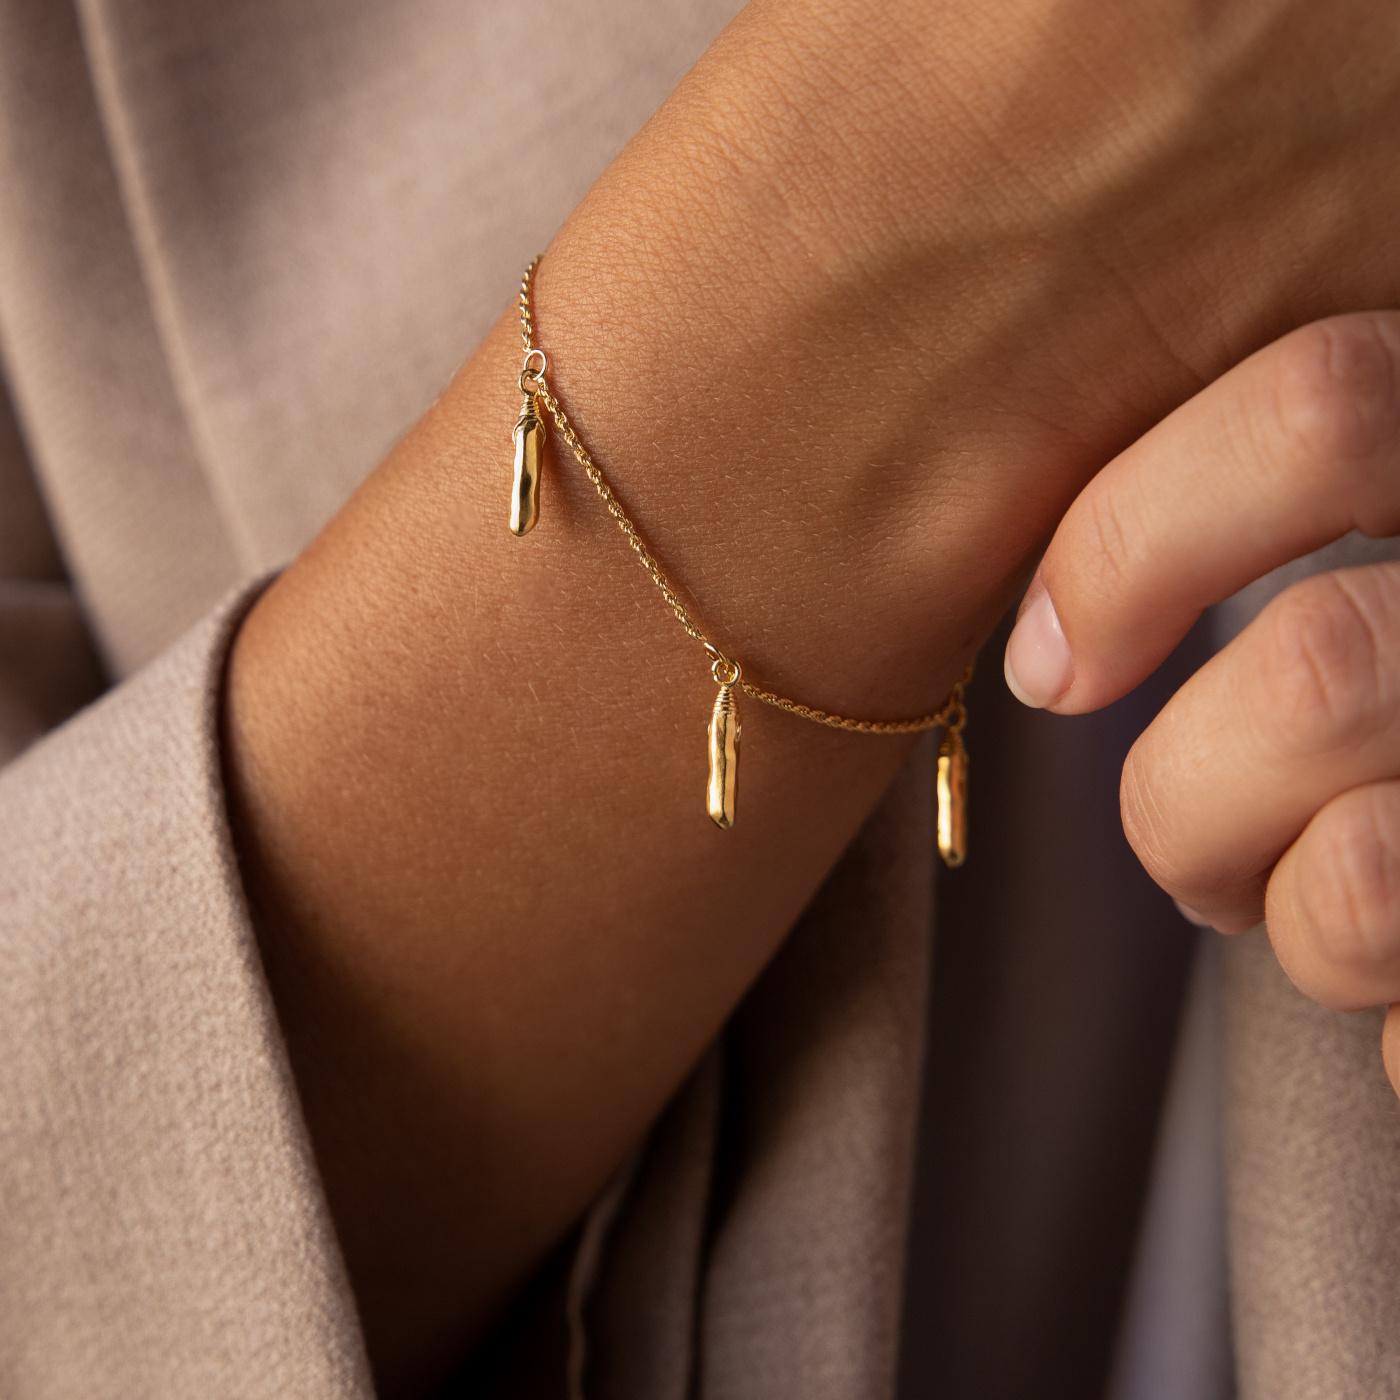 Violet Hamden Sisterhood Mona 925 sterlingsølv guldfarvet armbånd